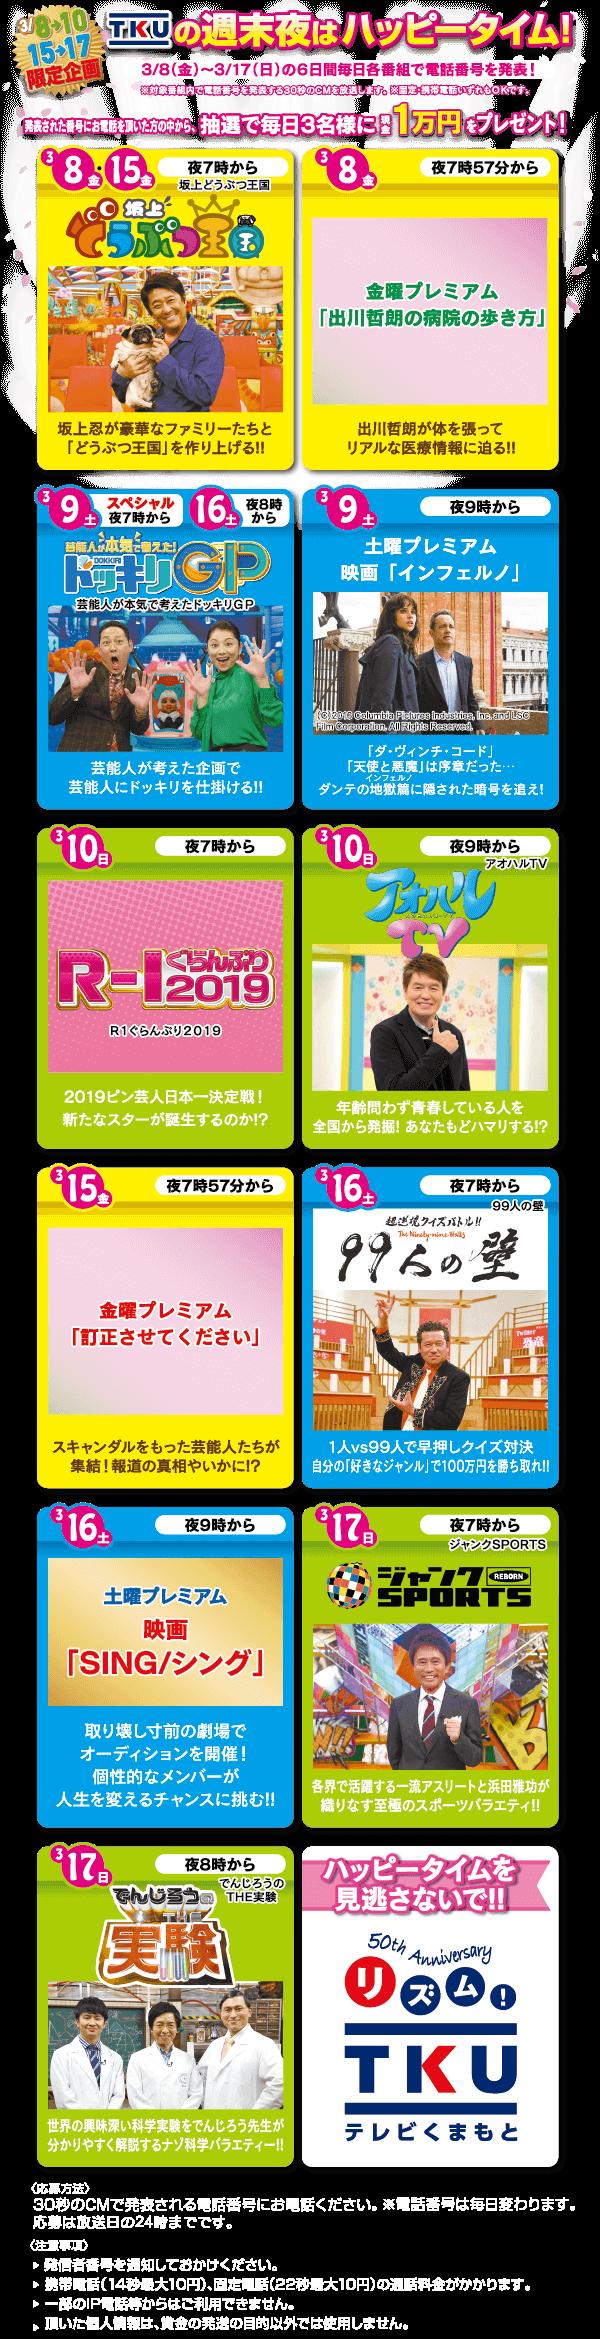 賞金総額18万円!TKUの週末夜はハッピータイム!